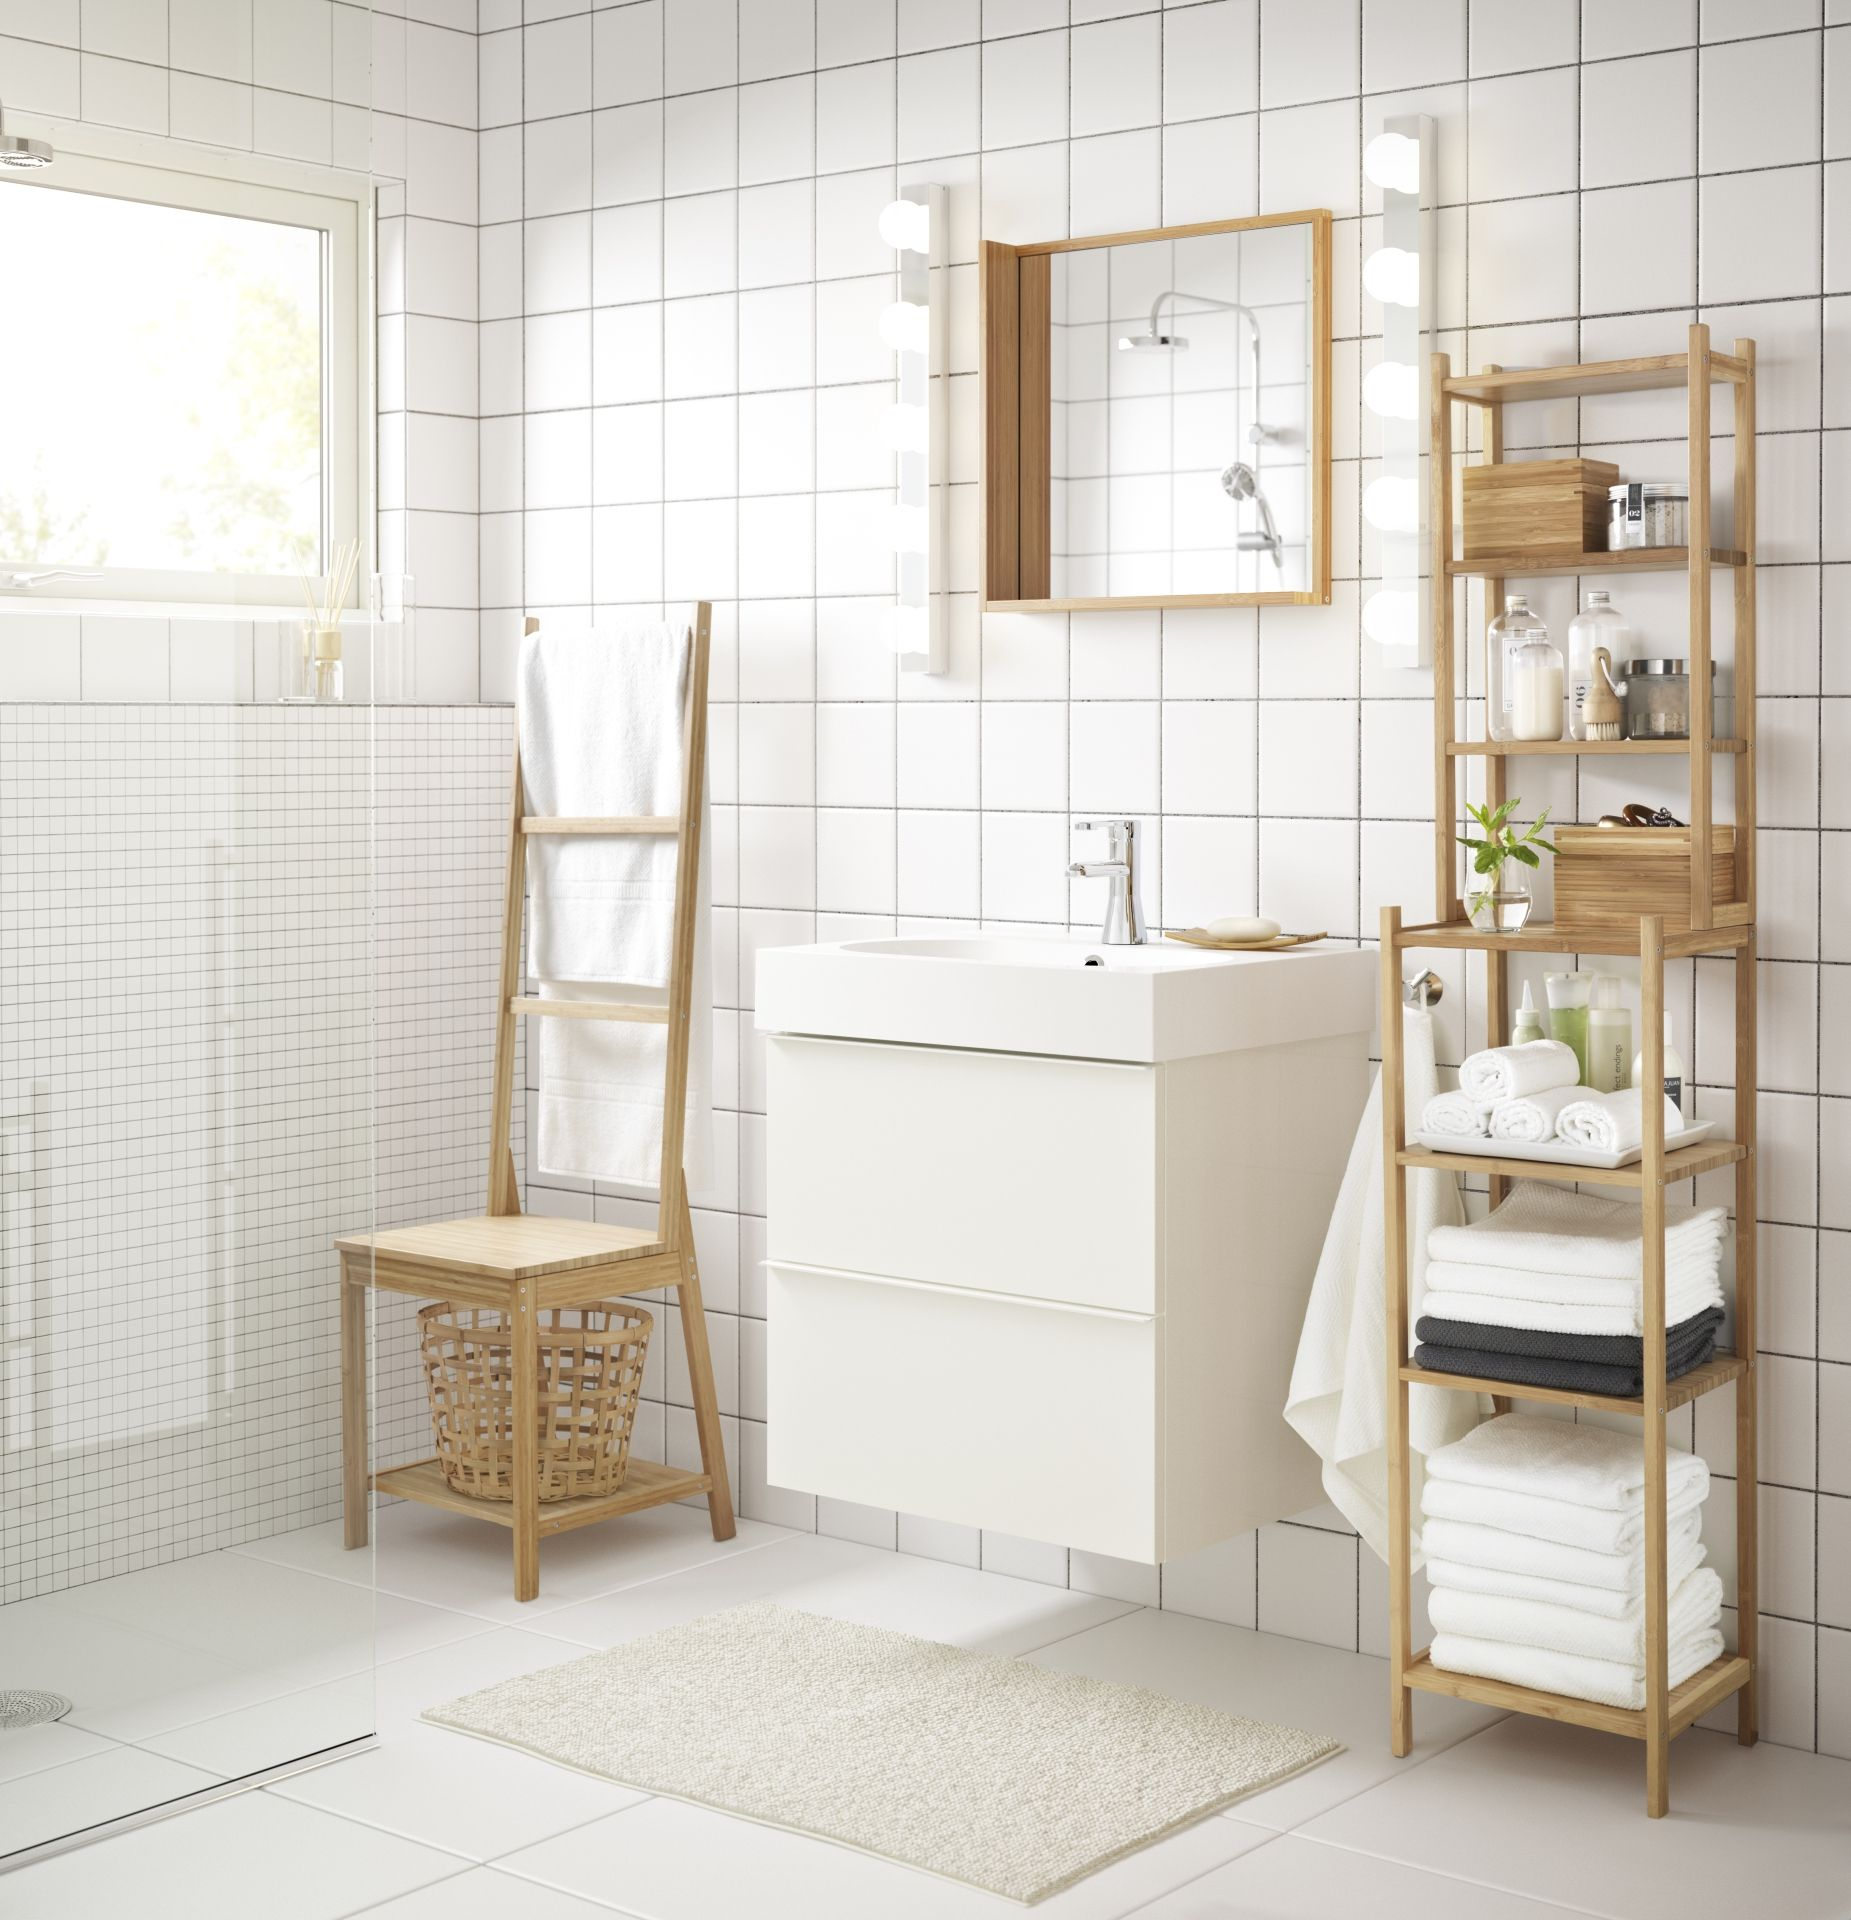 rà grund stoel met handdoekenrek bamboe products met and catalog